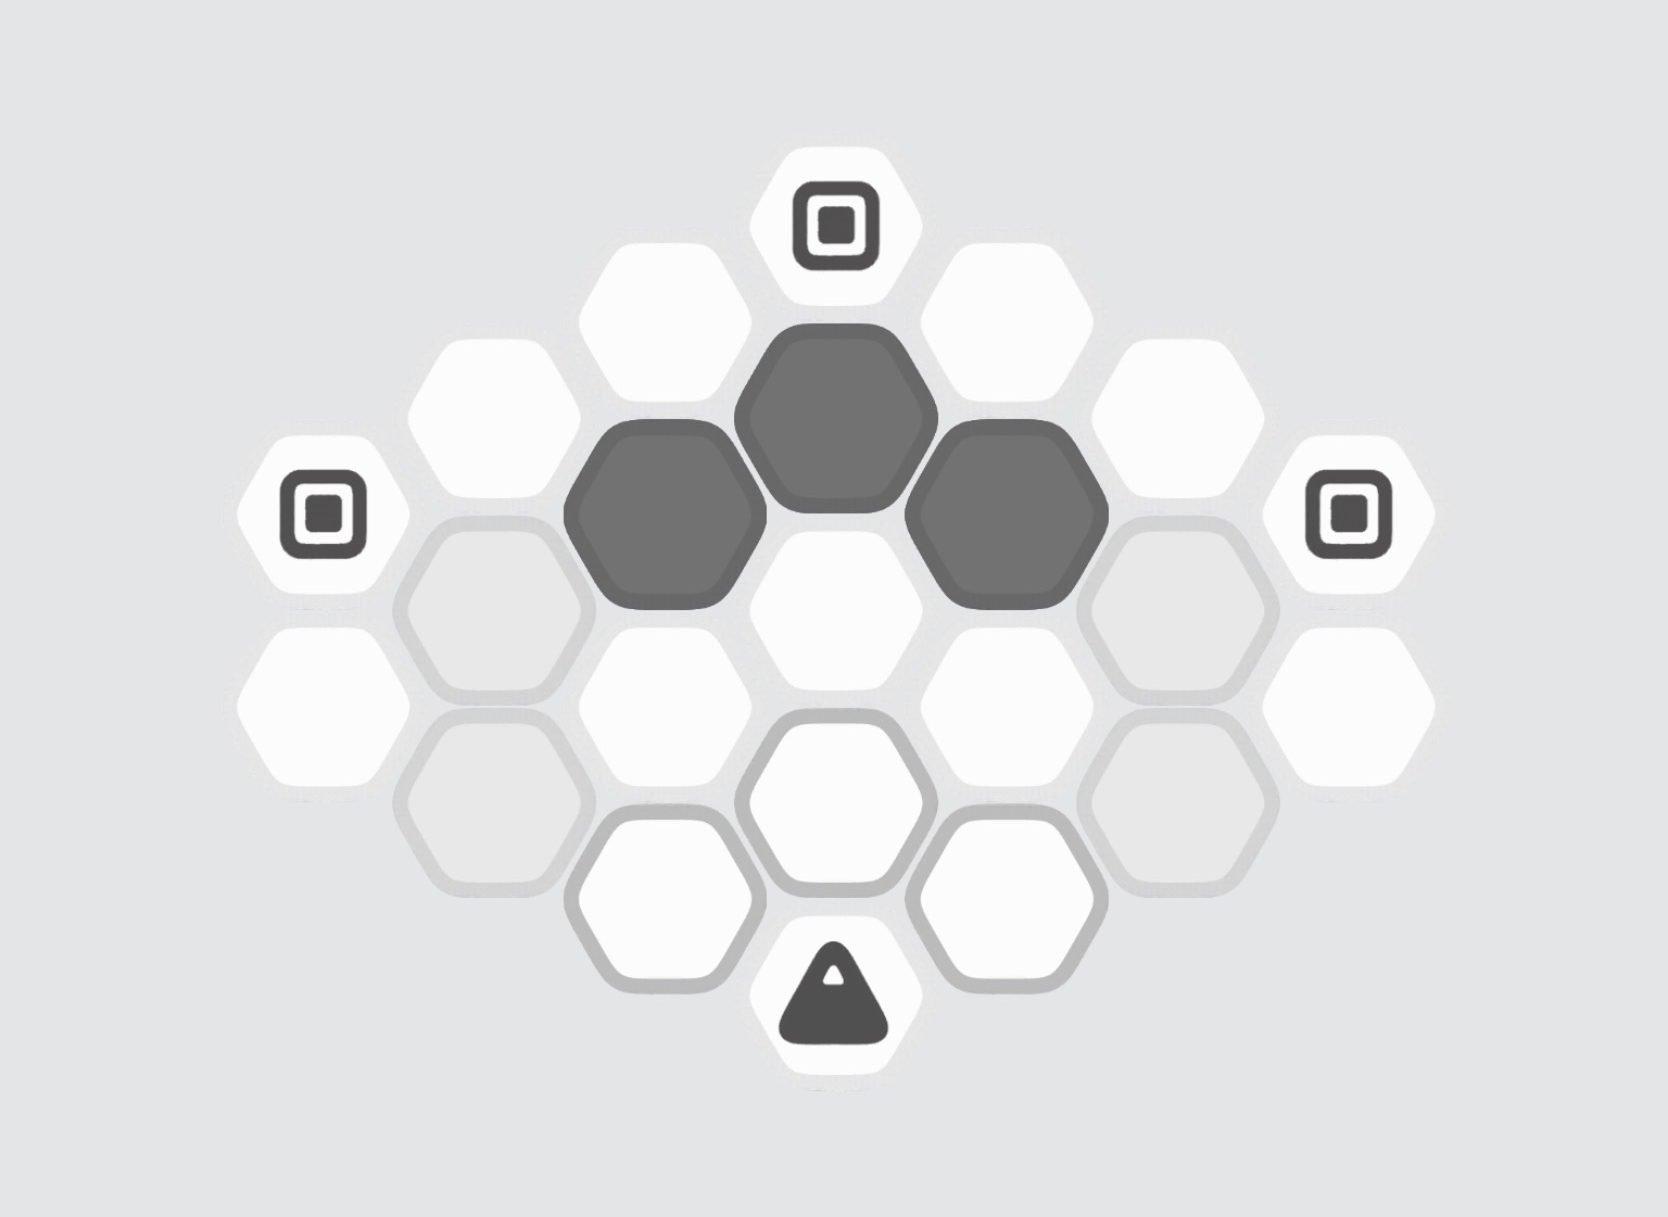 Soyez plus malins que l'I.A. dans le minimaliste Hexanome, un bon casse-tête iPhone, iPad 1